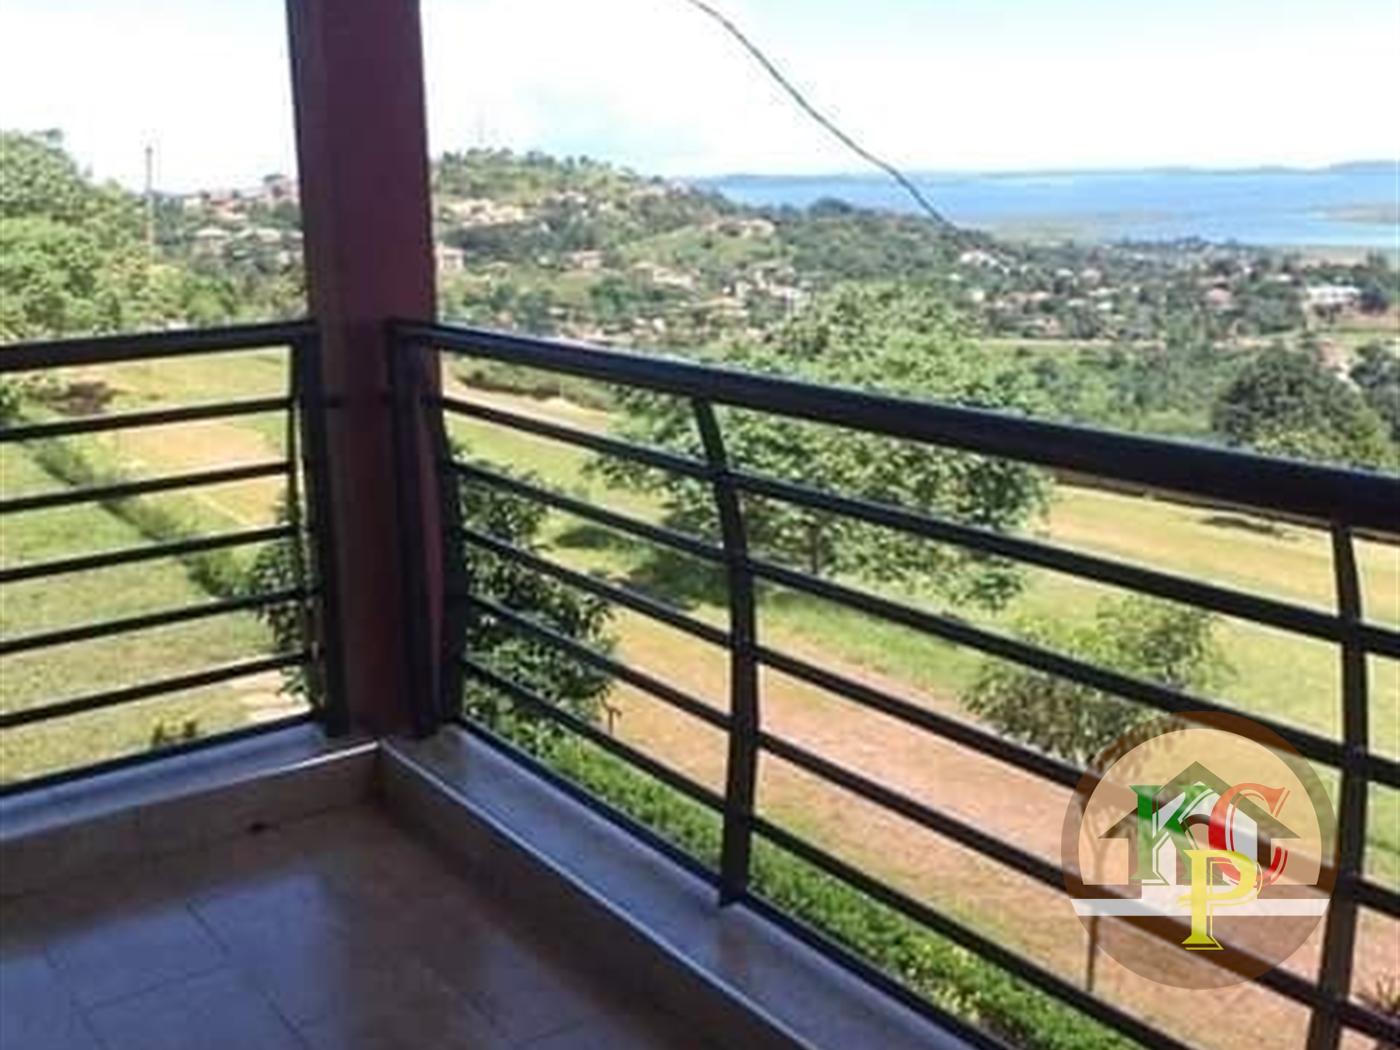 Mansion for rent in Bwebajja Wakiso